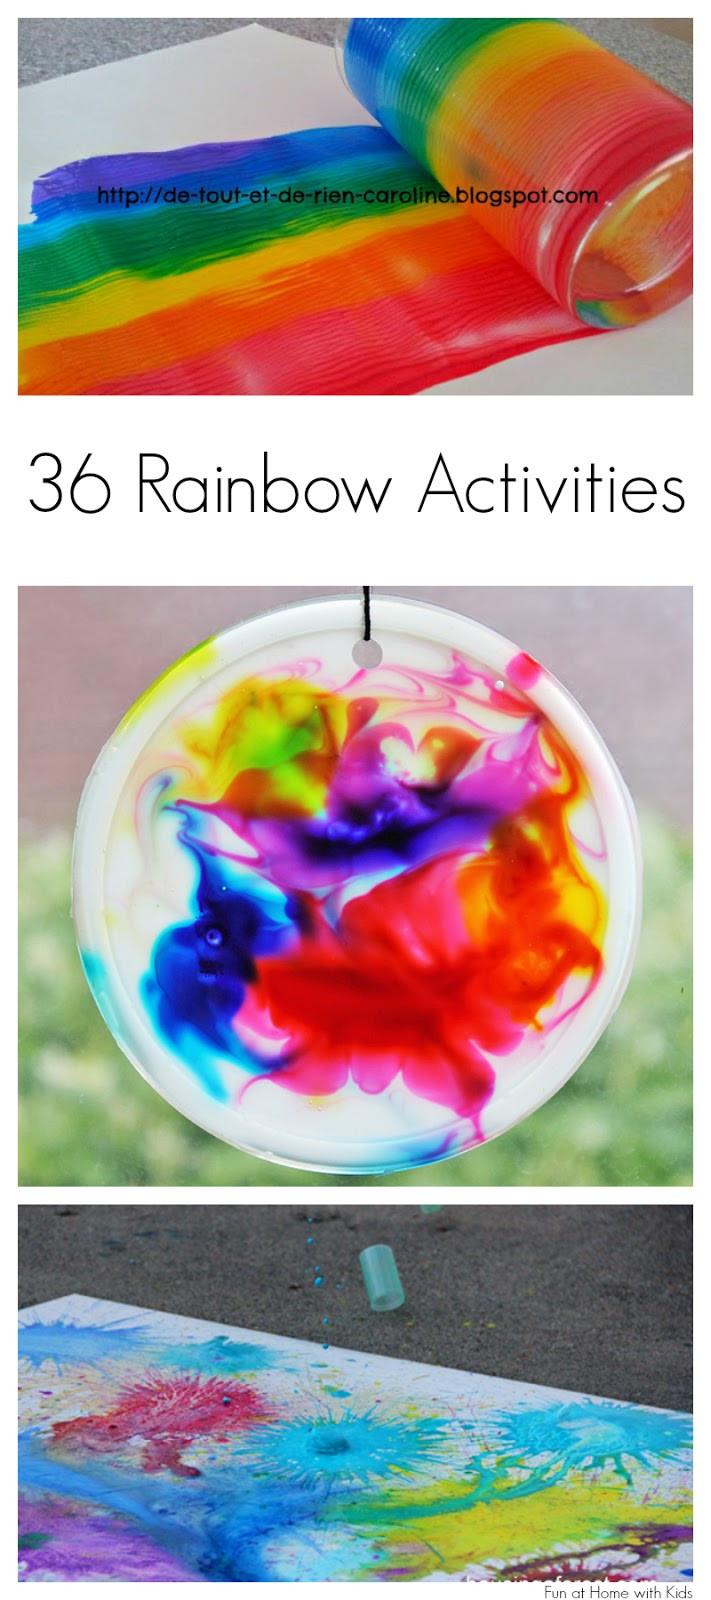 Rainbow Artwork For Preschoolers  36 Rainbow Activities for Babies Toddlers Preschoolers